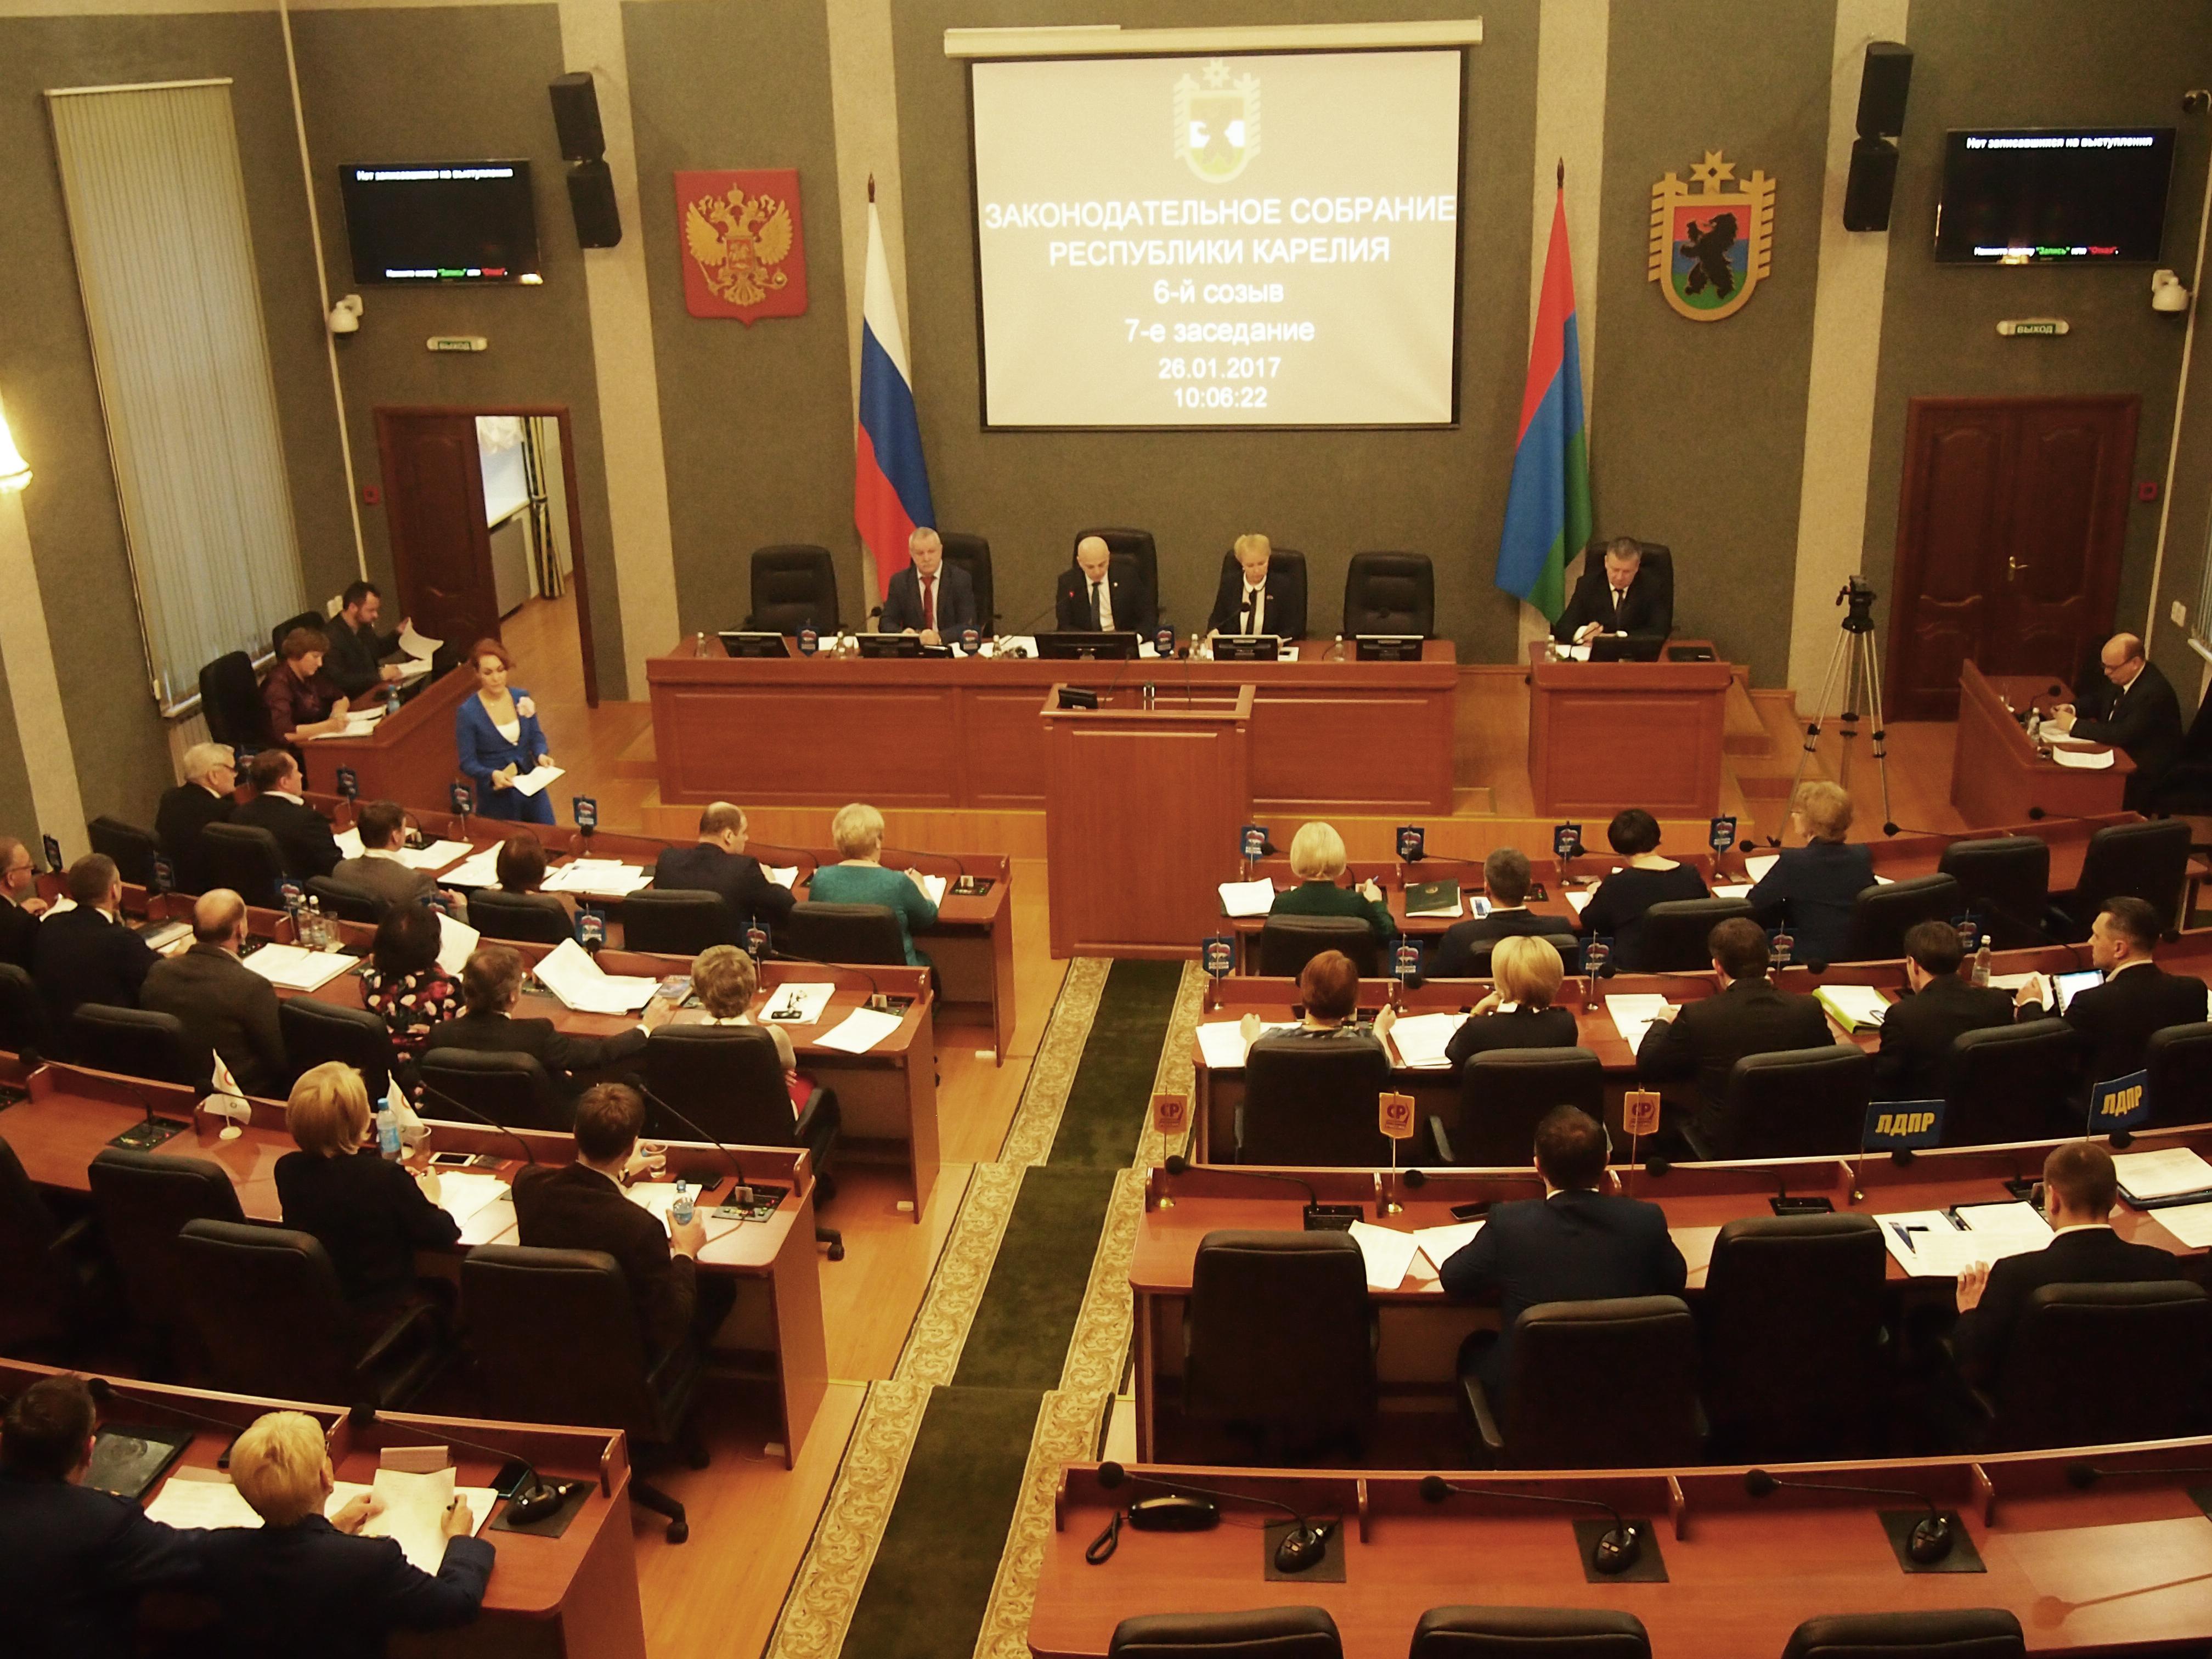 На заседании ЗС Карелии. Фото: Валерий Поташов